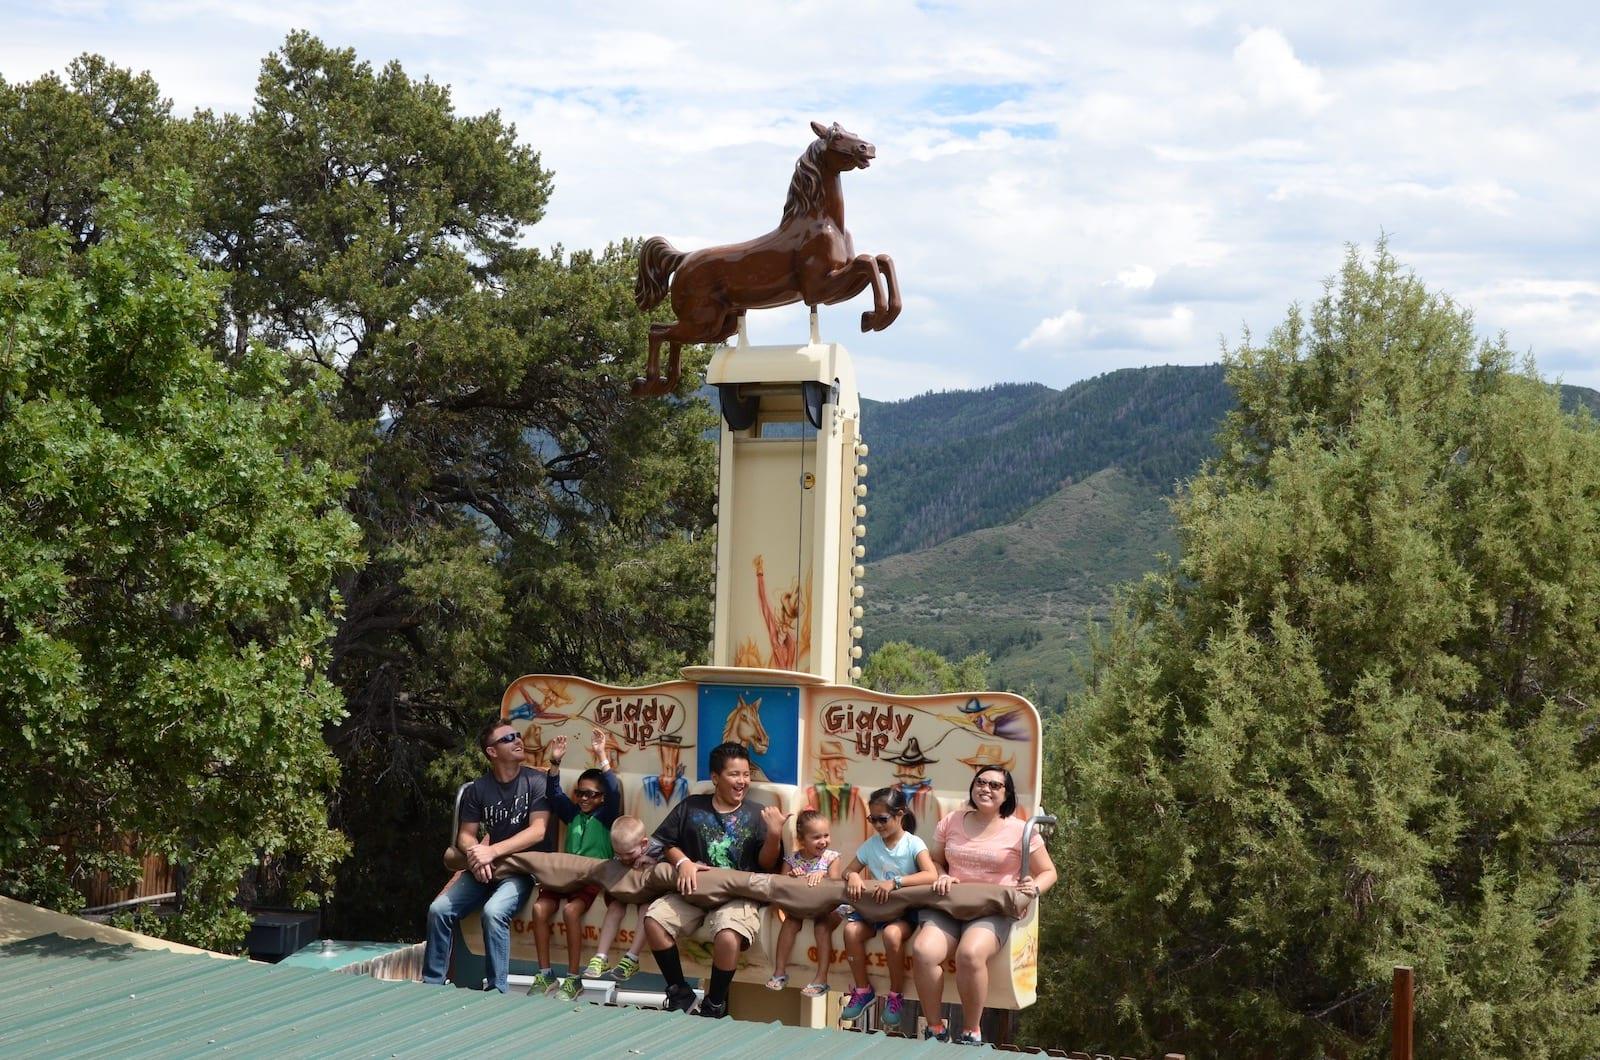 Glenwood Caverns Adventure Park Giddy Up Ride